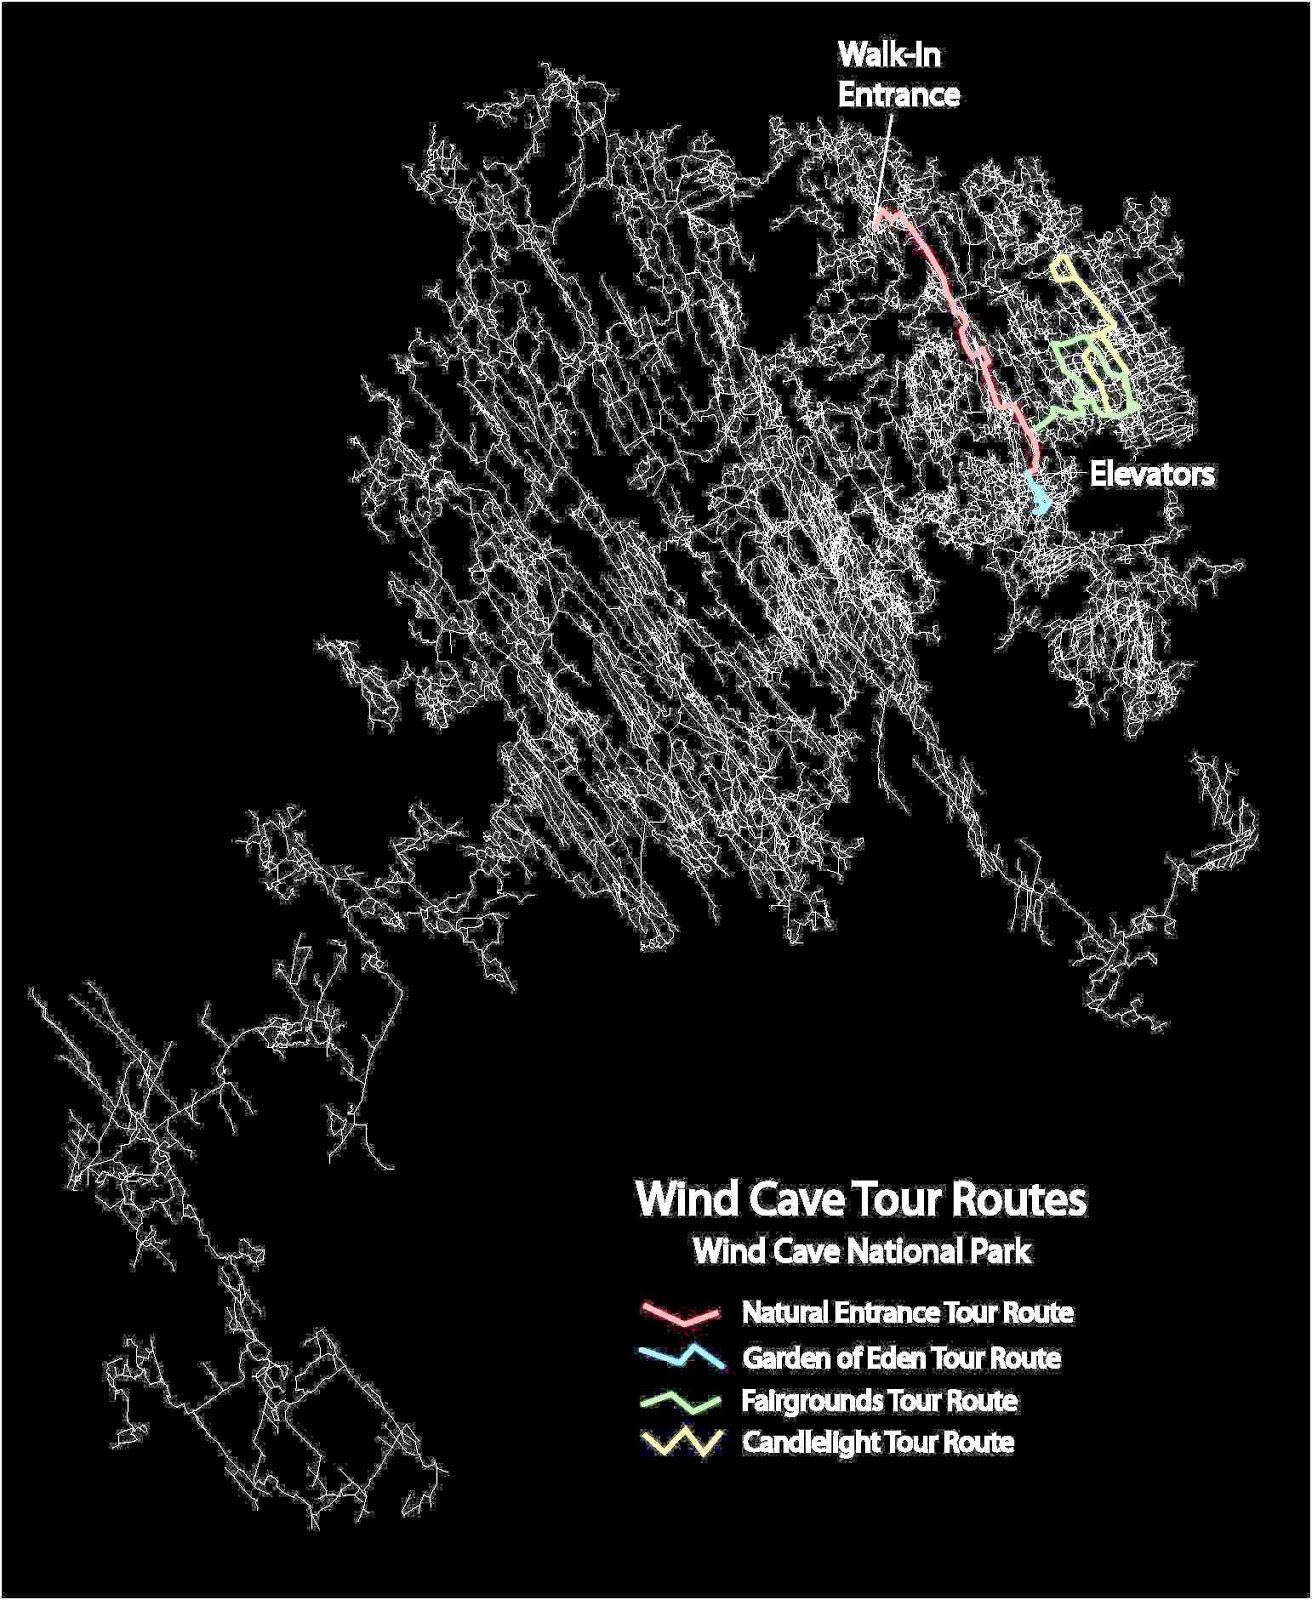 wind cave tour routes